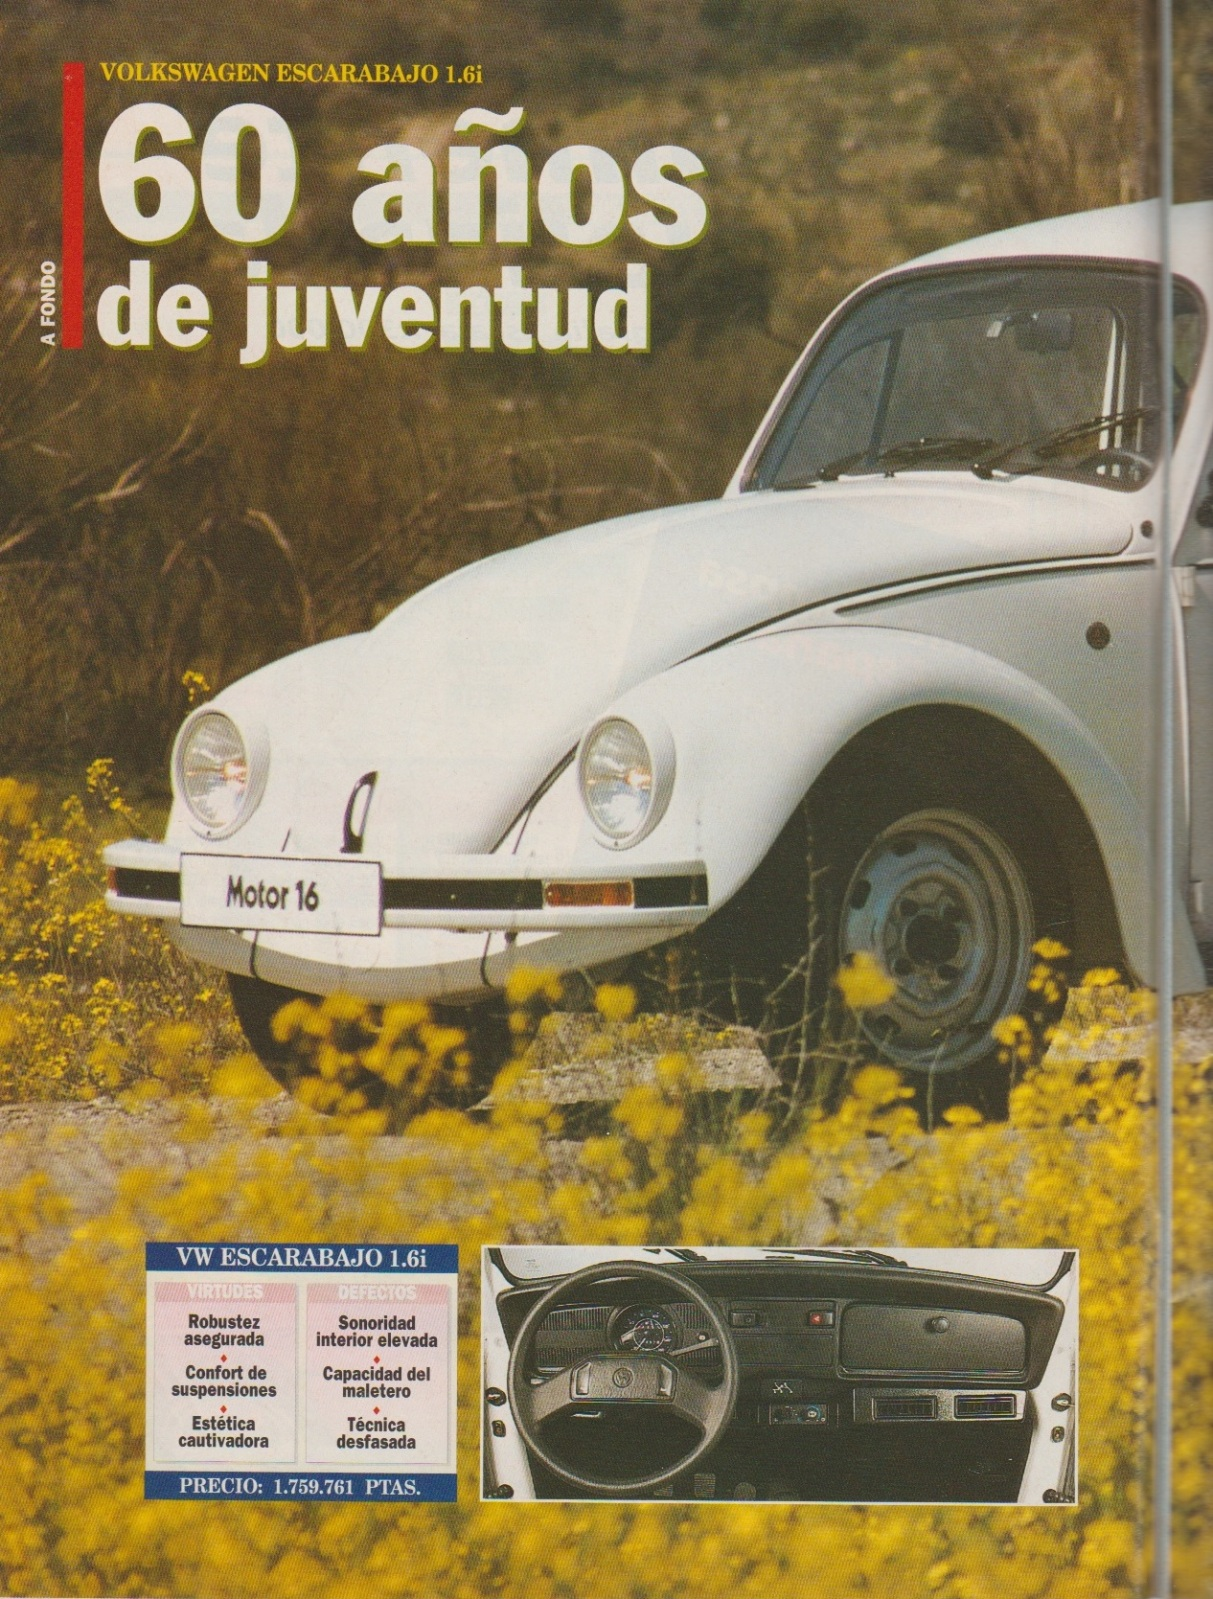 Prueba del Escarabajo 1600i por Motor 16 (1996) 2i097hz